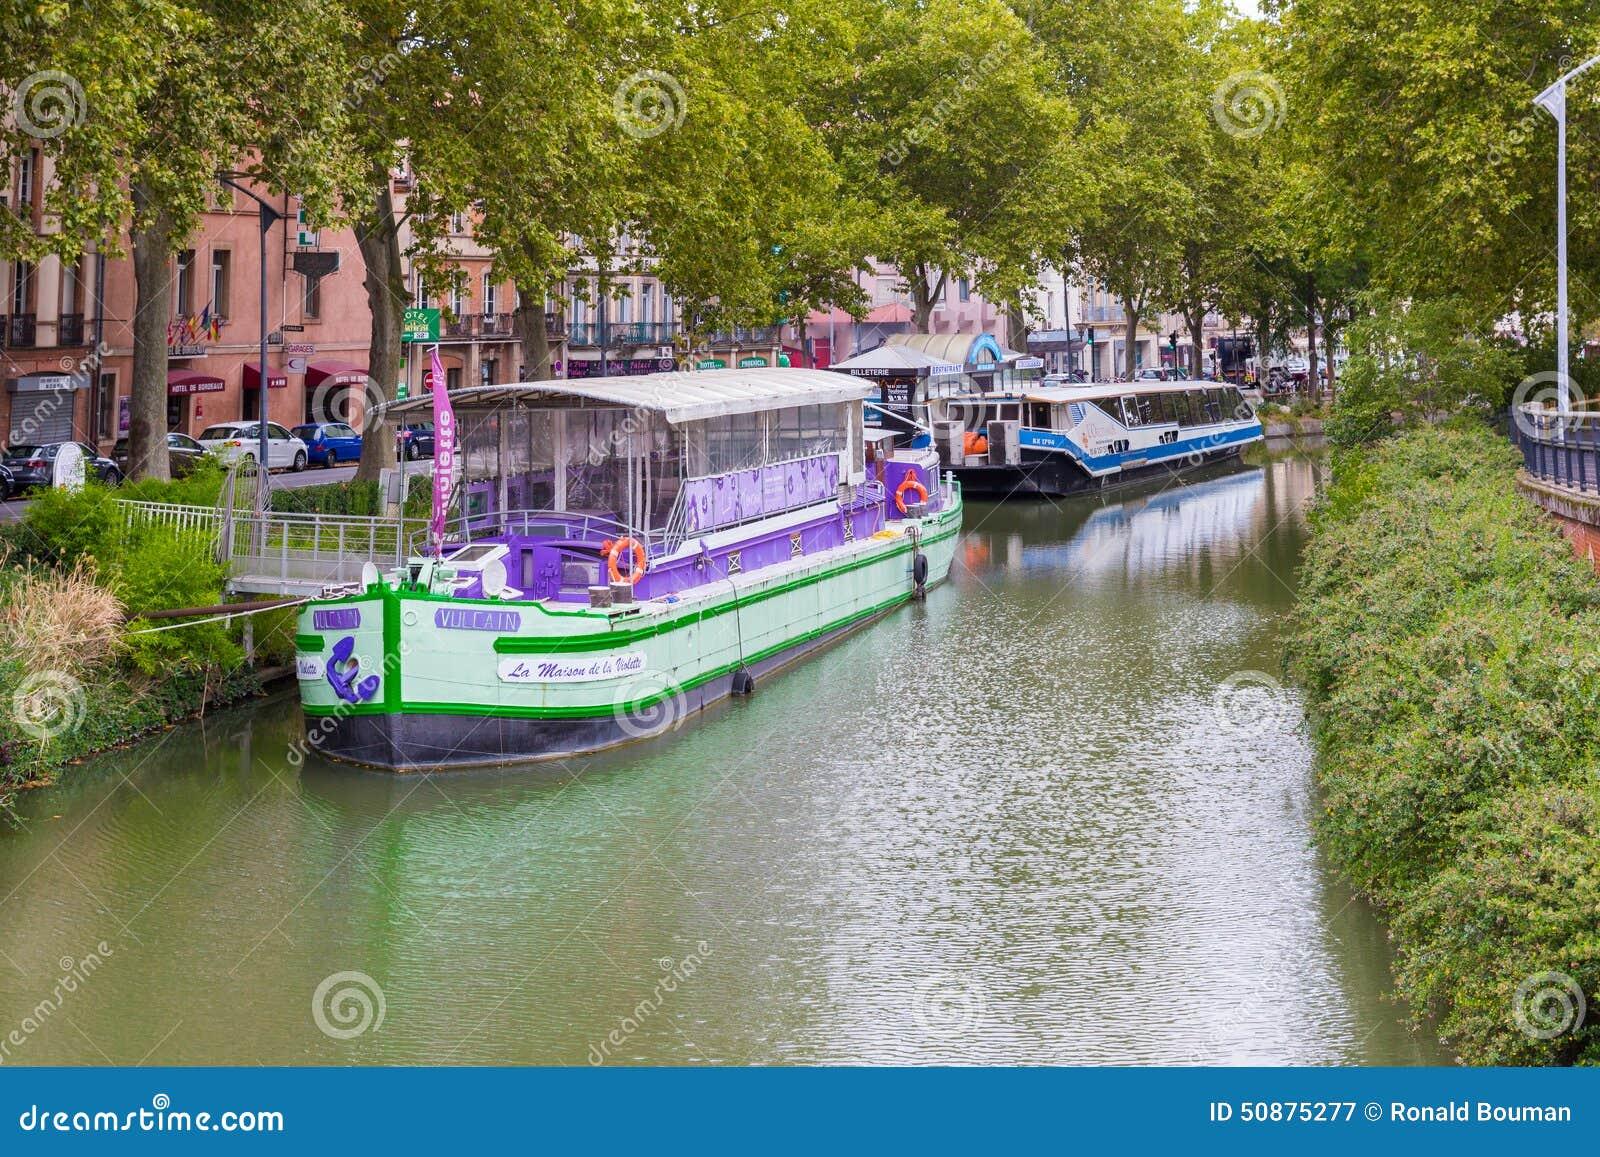 La maison de la violette restaurant boat editorial for De lamaison fr